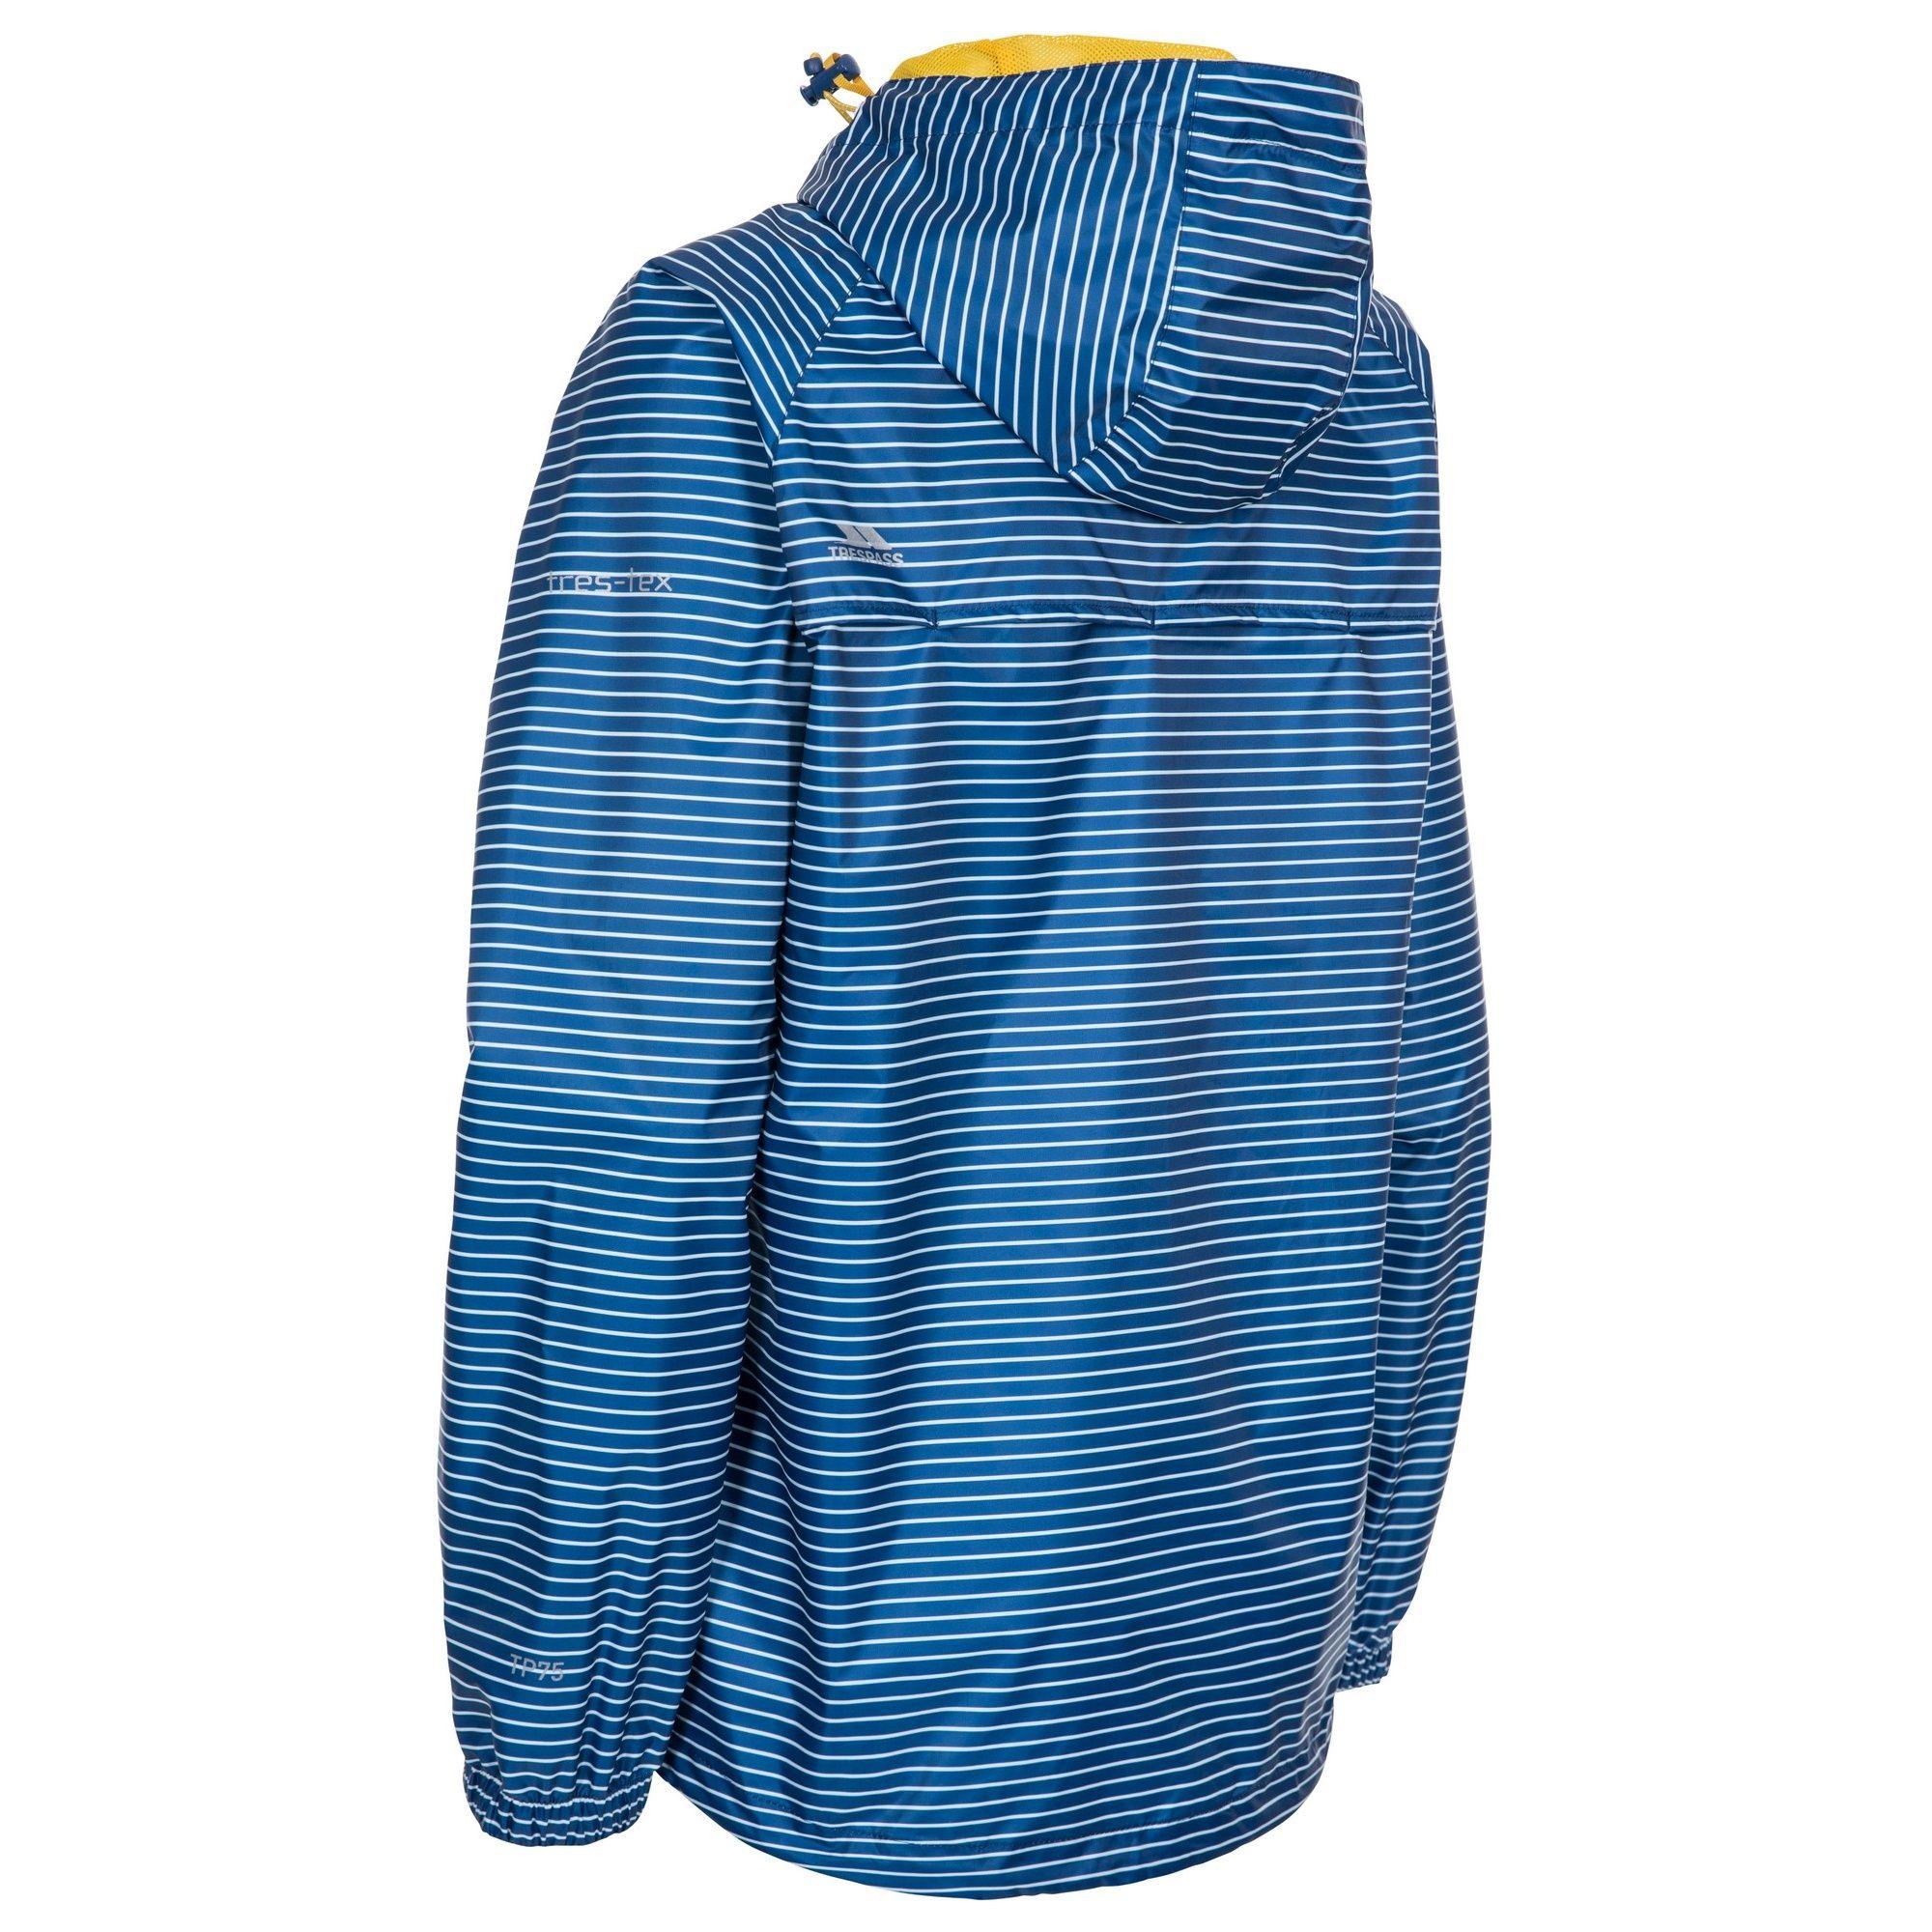 Trespass Womens/Ladies Indulge Waterproof Packaway Jacket